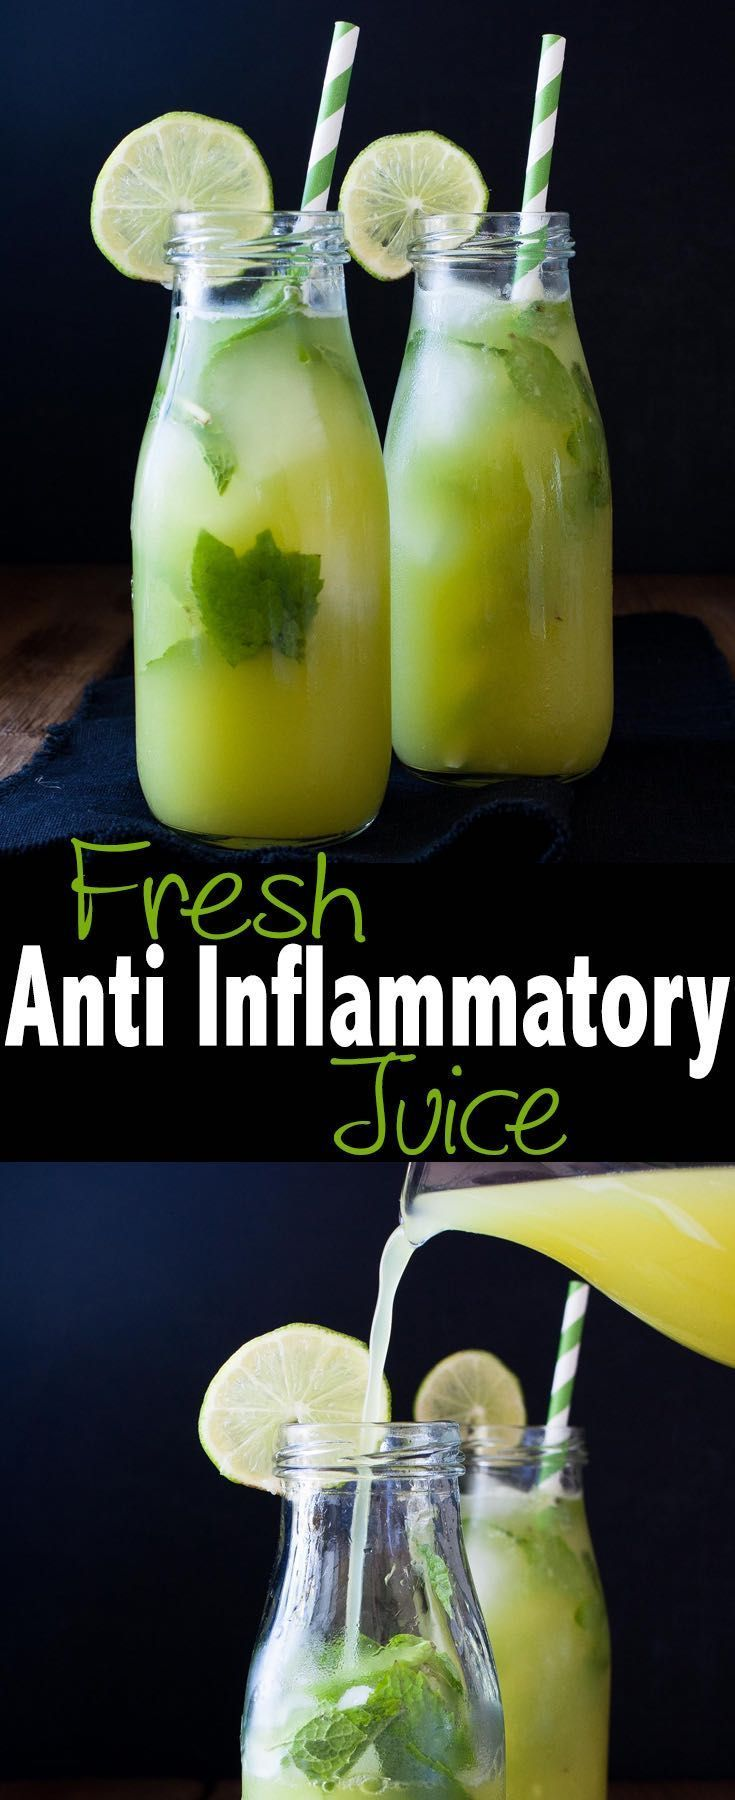 Jalapeno anal inflamattion